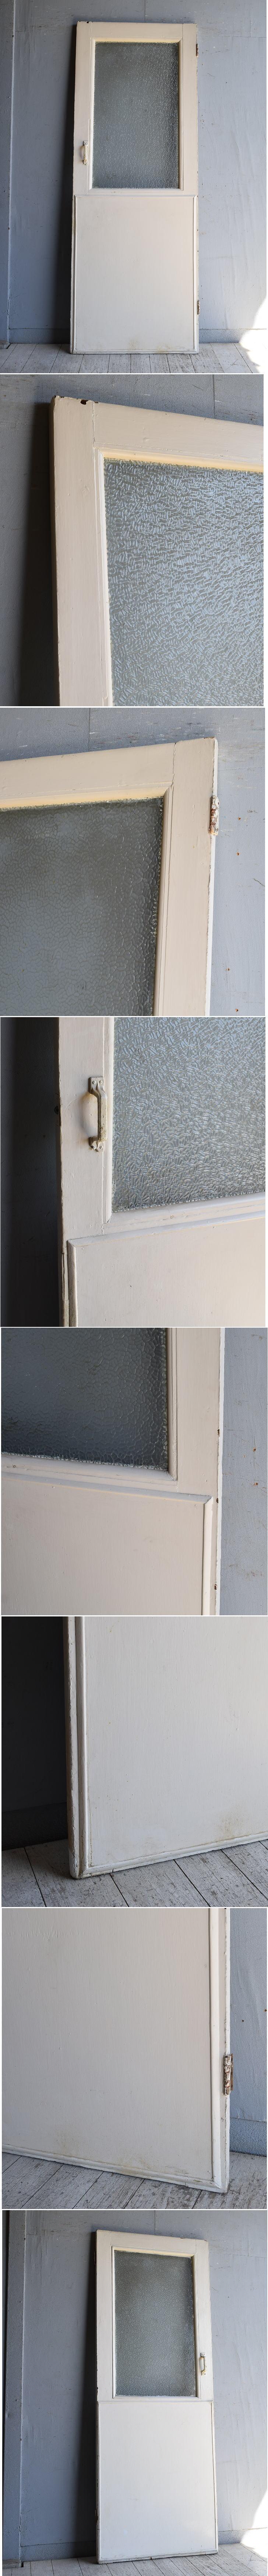 イギリス アンティーク ガラス入りドア 扉 建具 8818